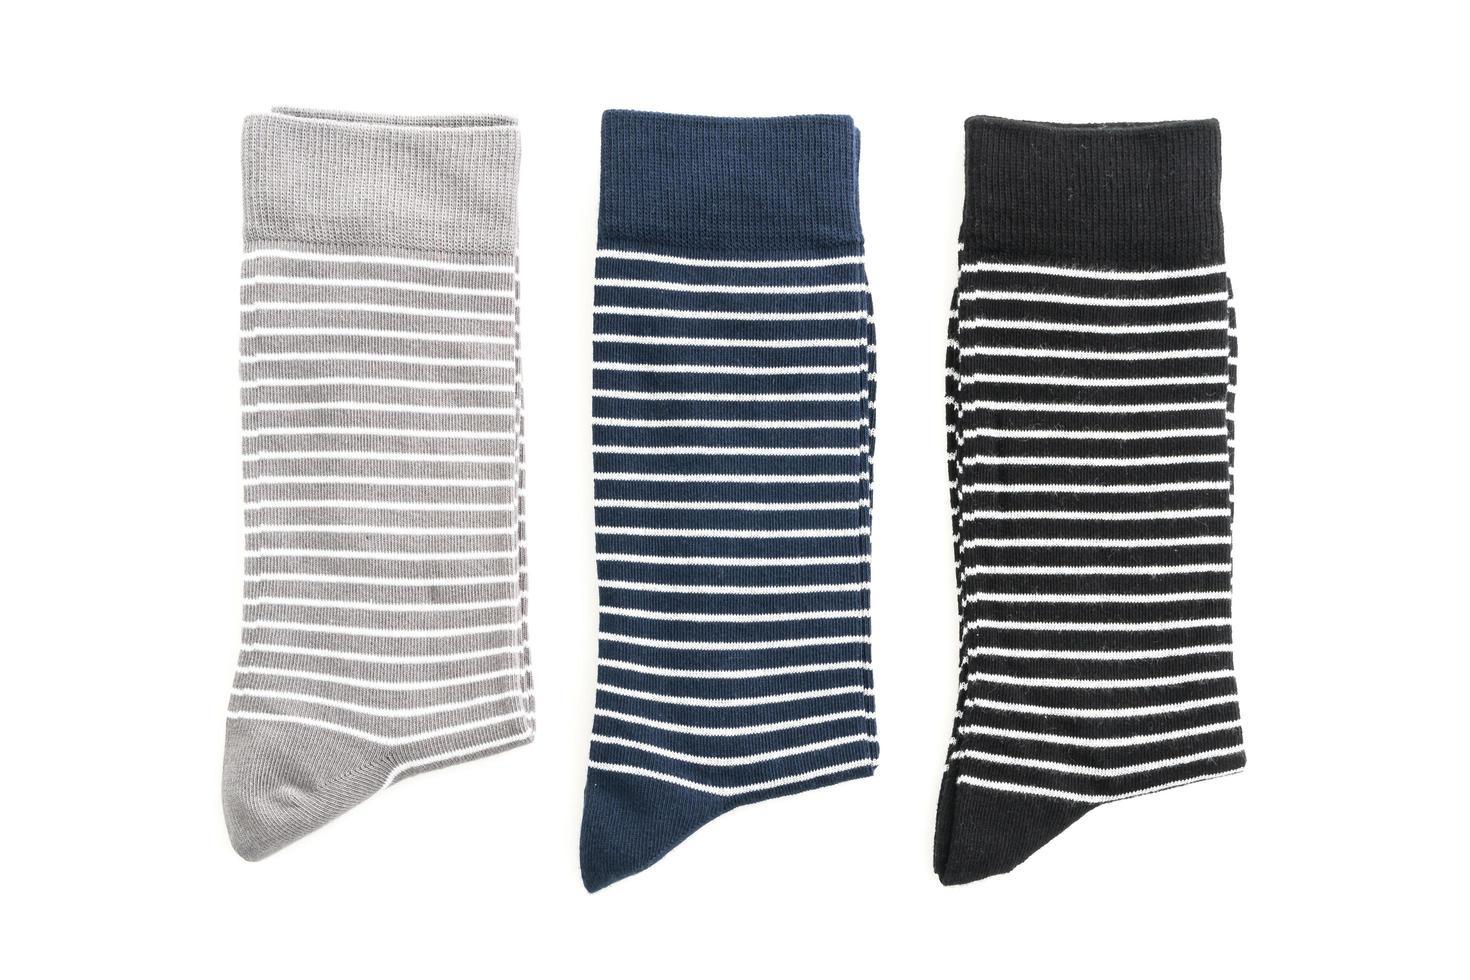 Socken auf weißem Hintergrund foto